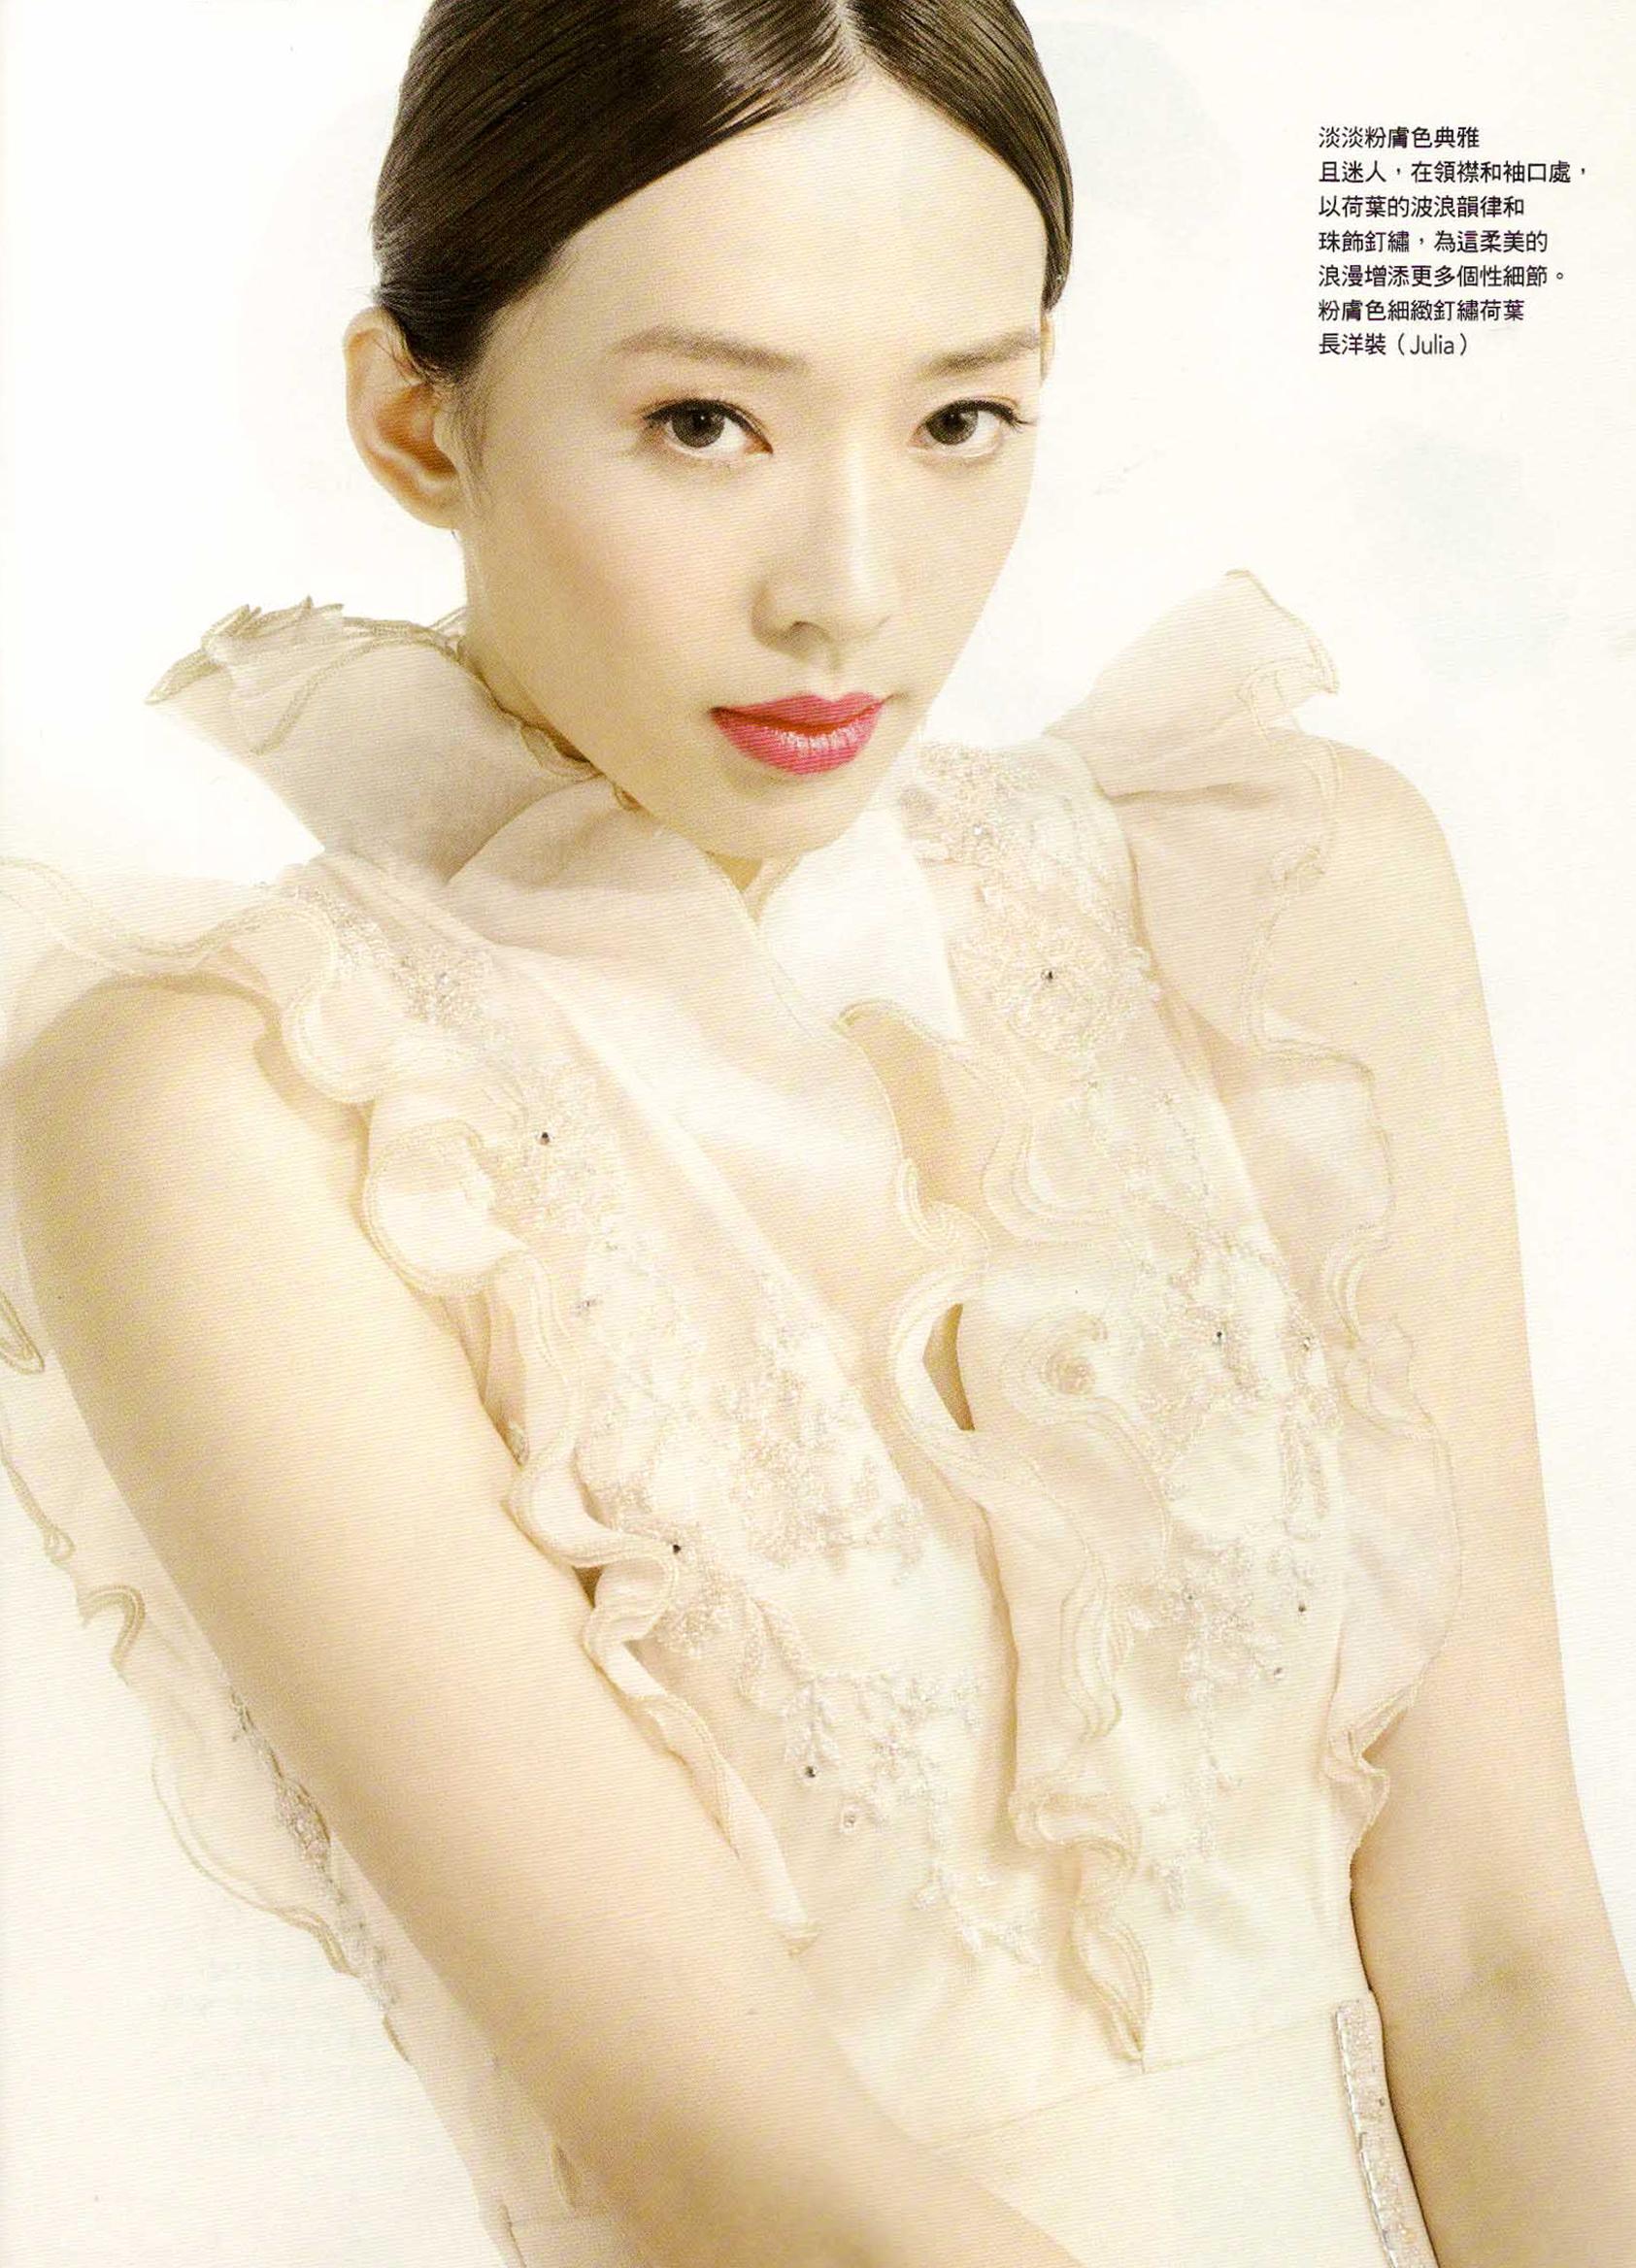 VOGUE時尚雜誌2011AUG八月號(1).jpg